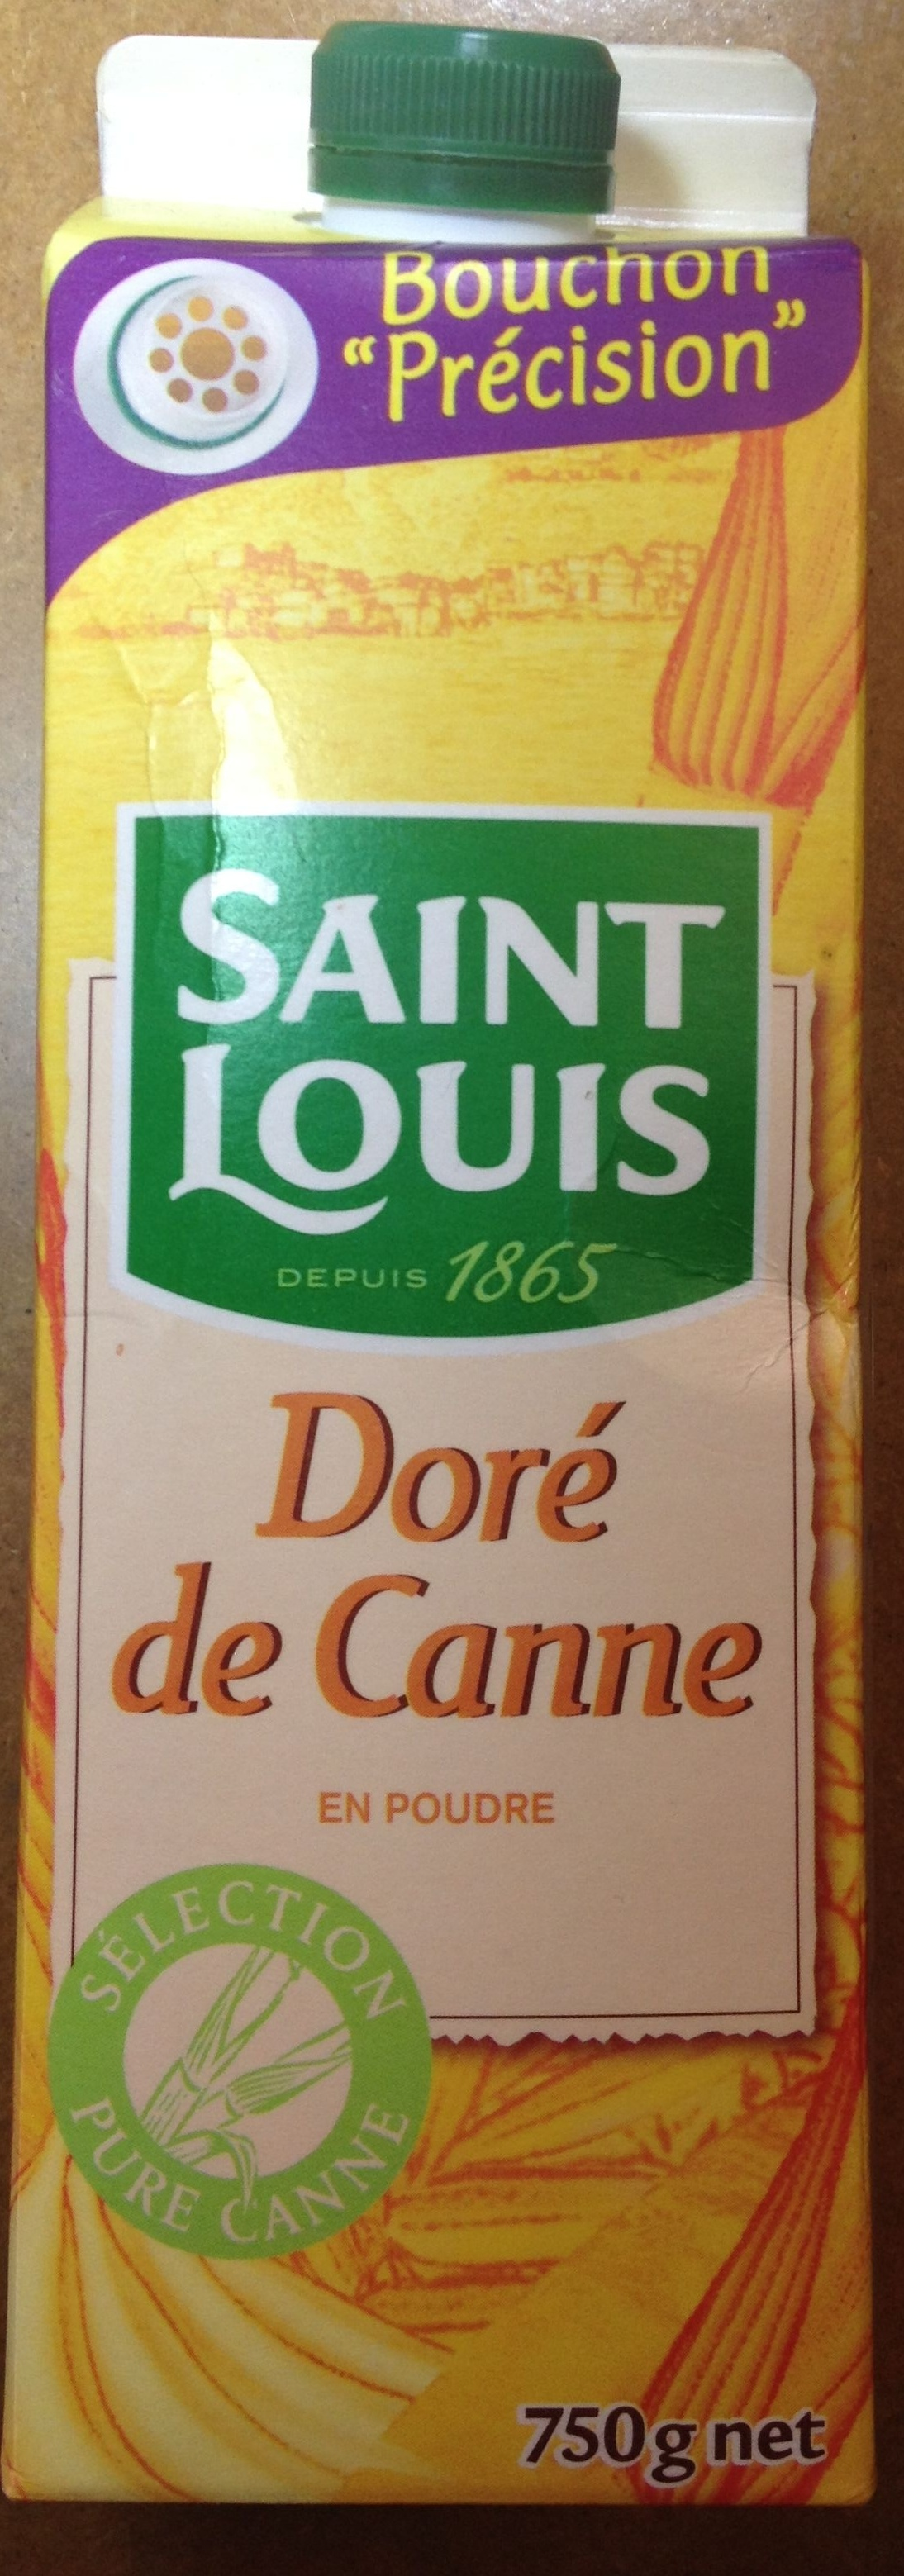 Doré de Canne - Product - fr